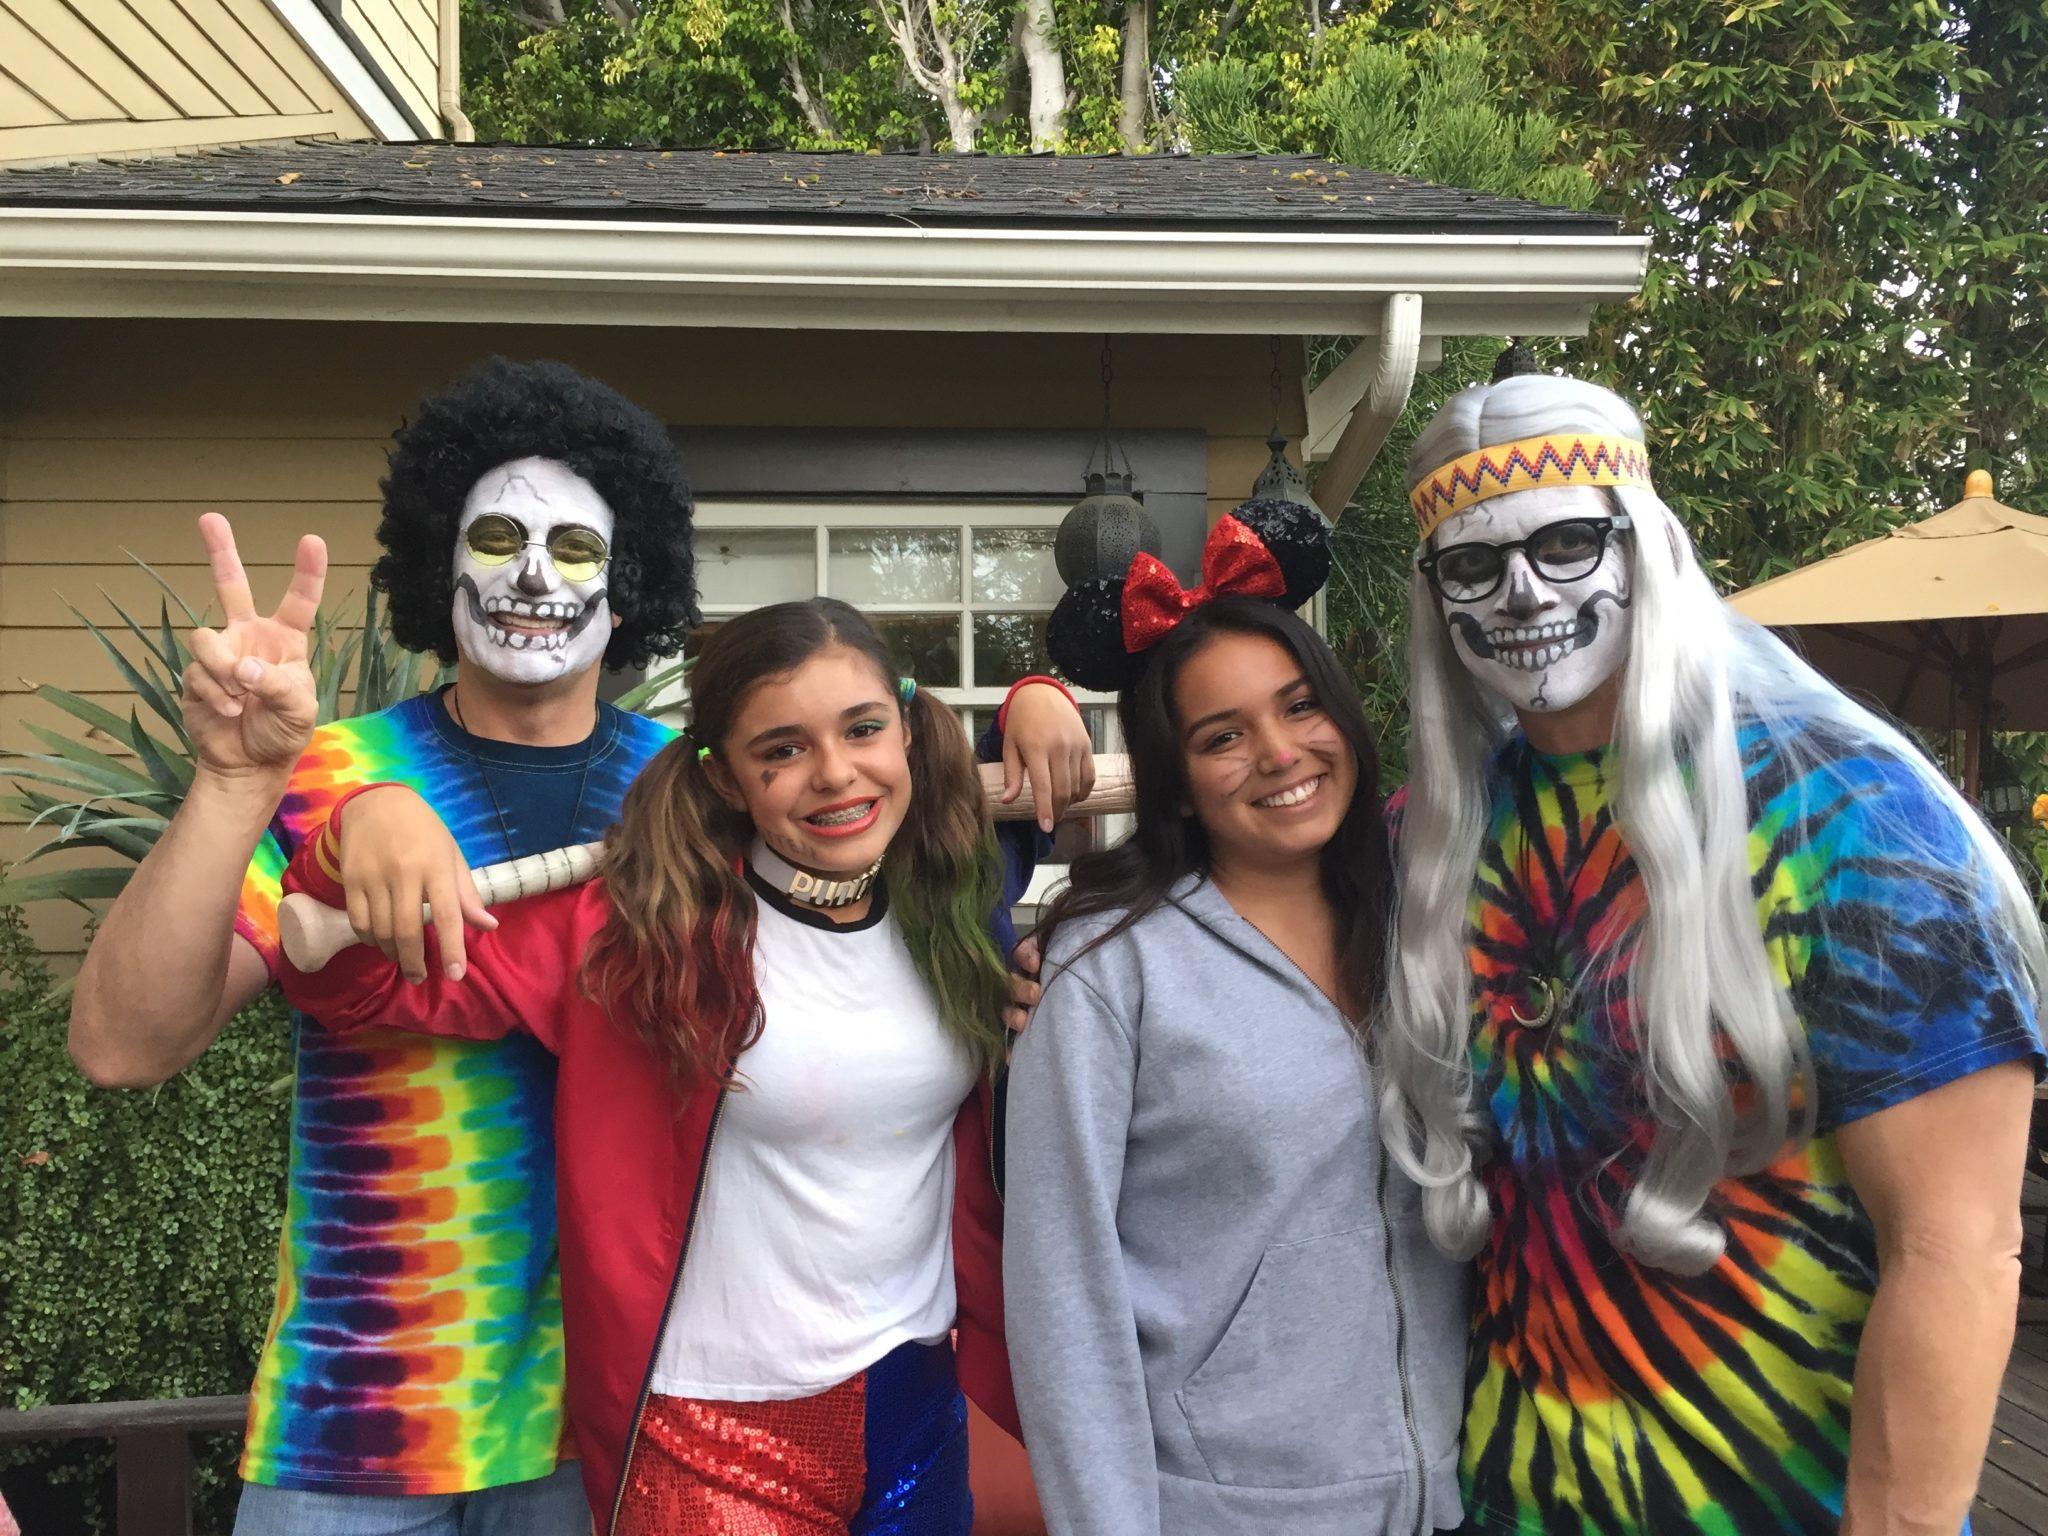 Grateful Dead Halloween costumes